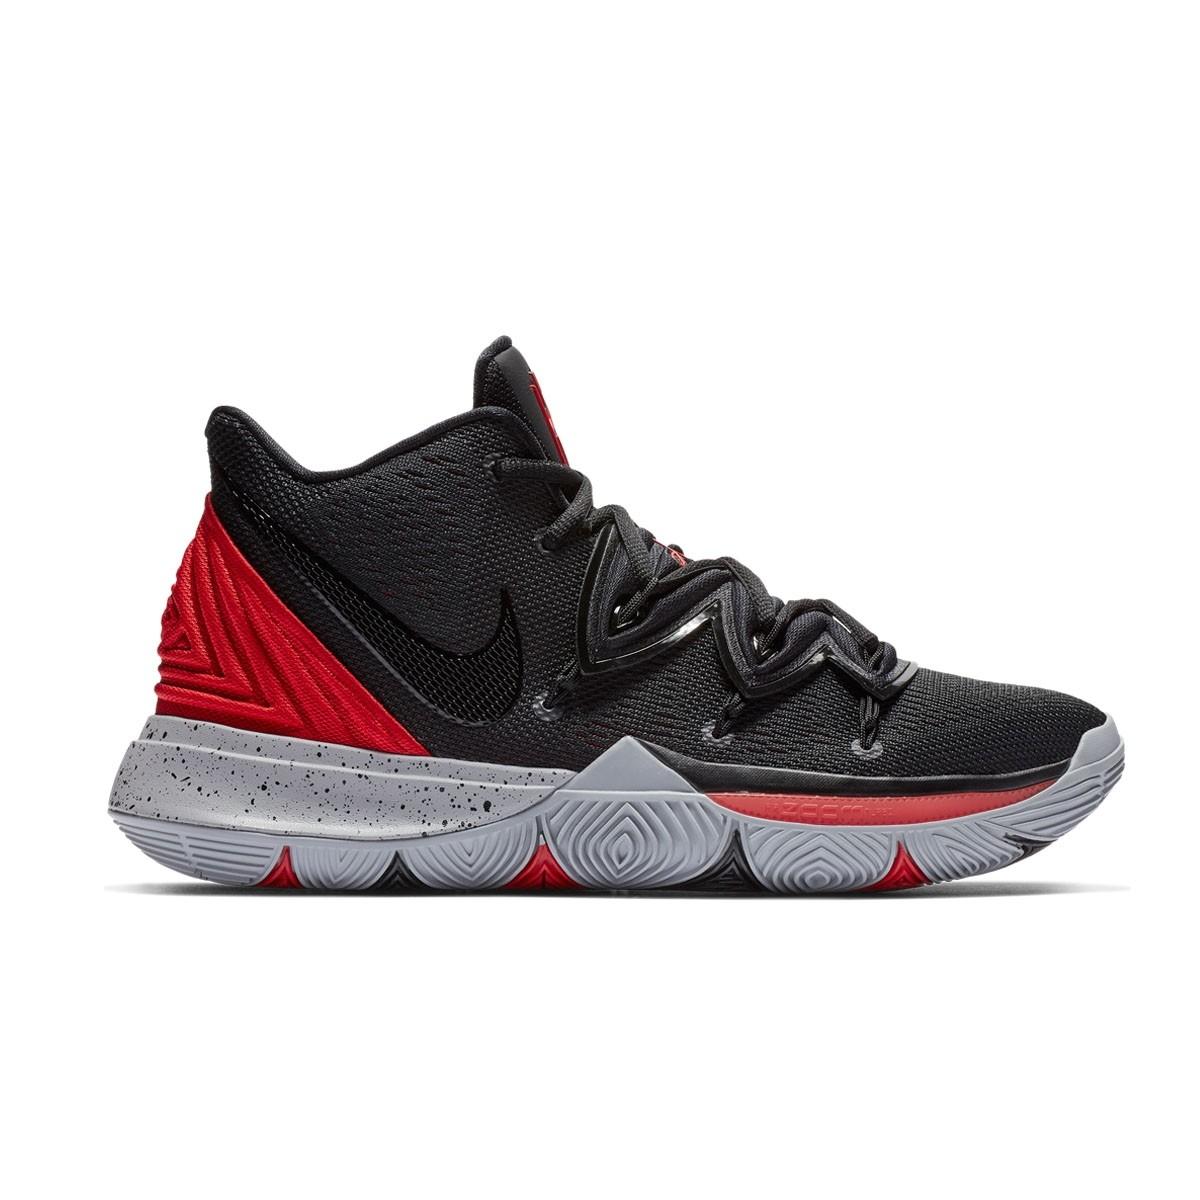 Nike Kyrie 5 'Bred'